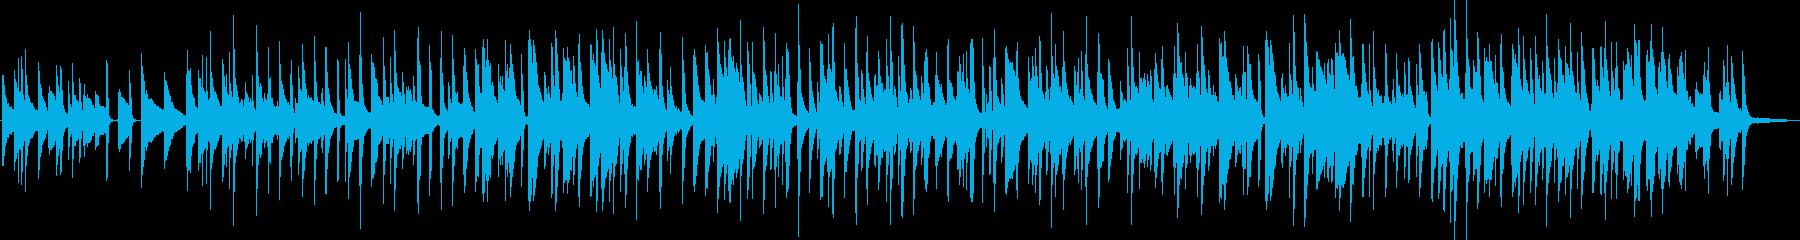 春らしいスローなジャズピアノの再生済みの波形